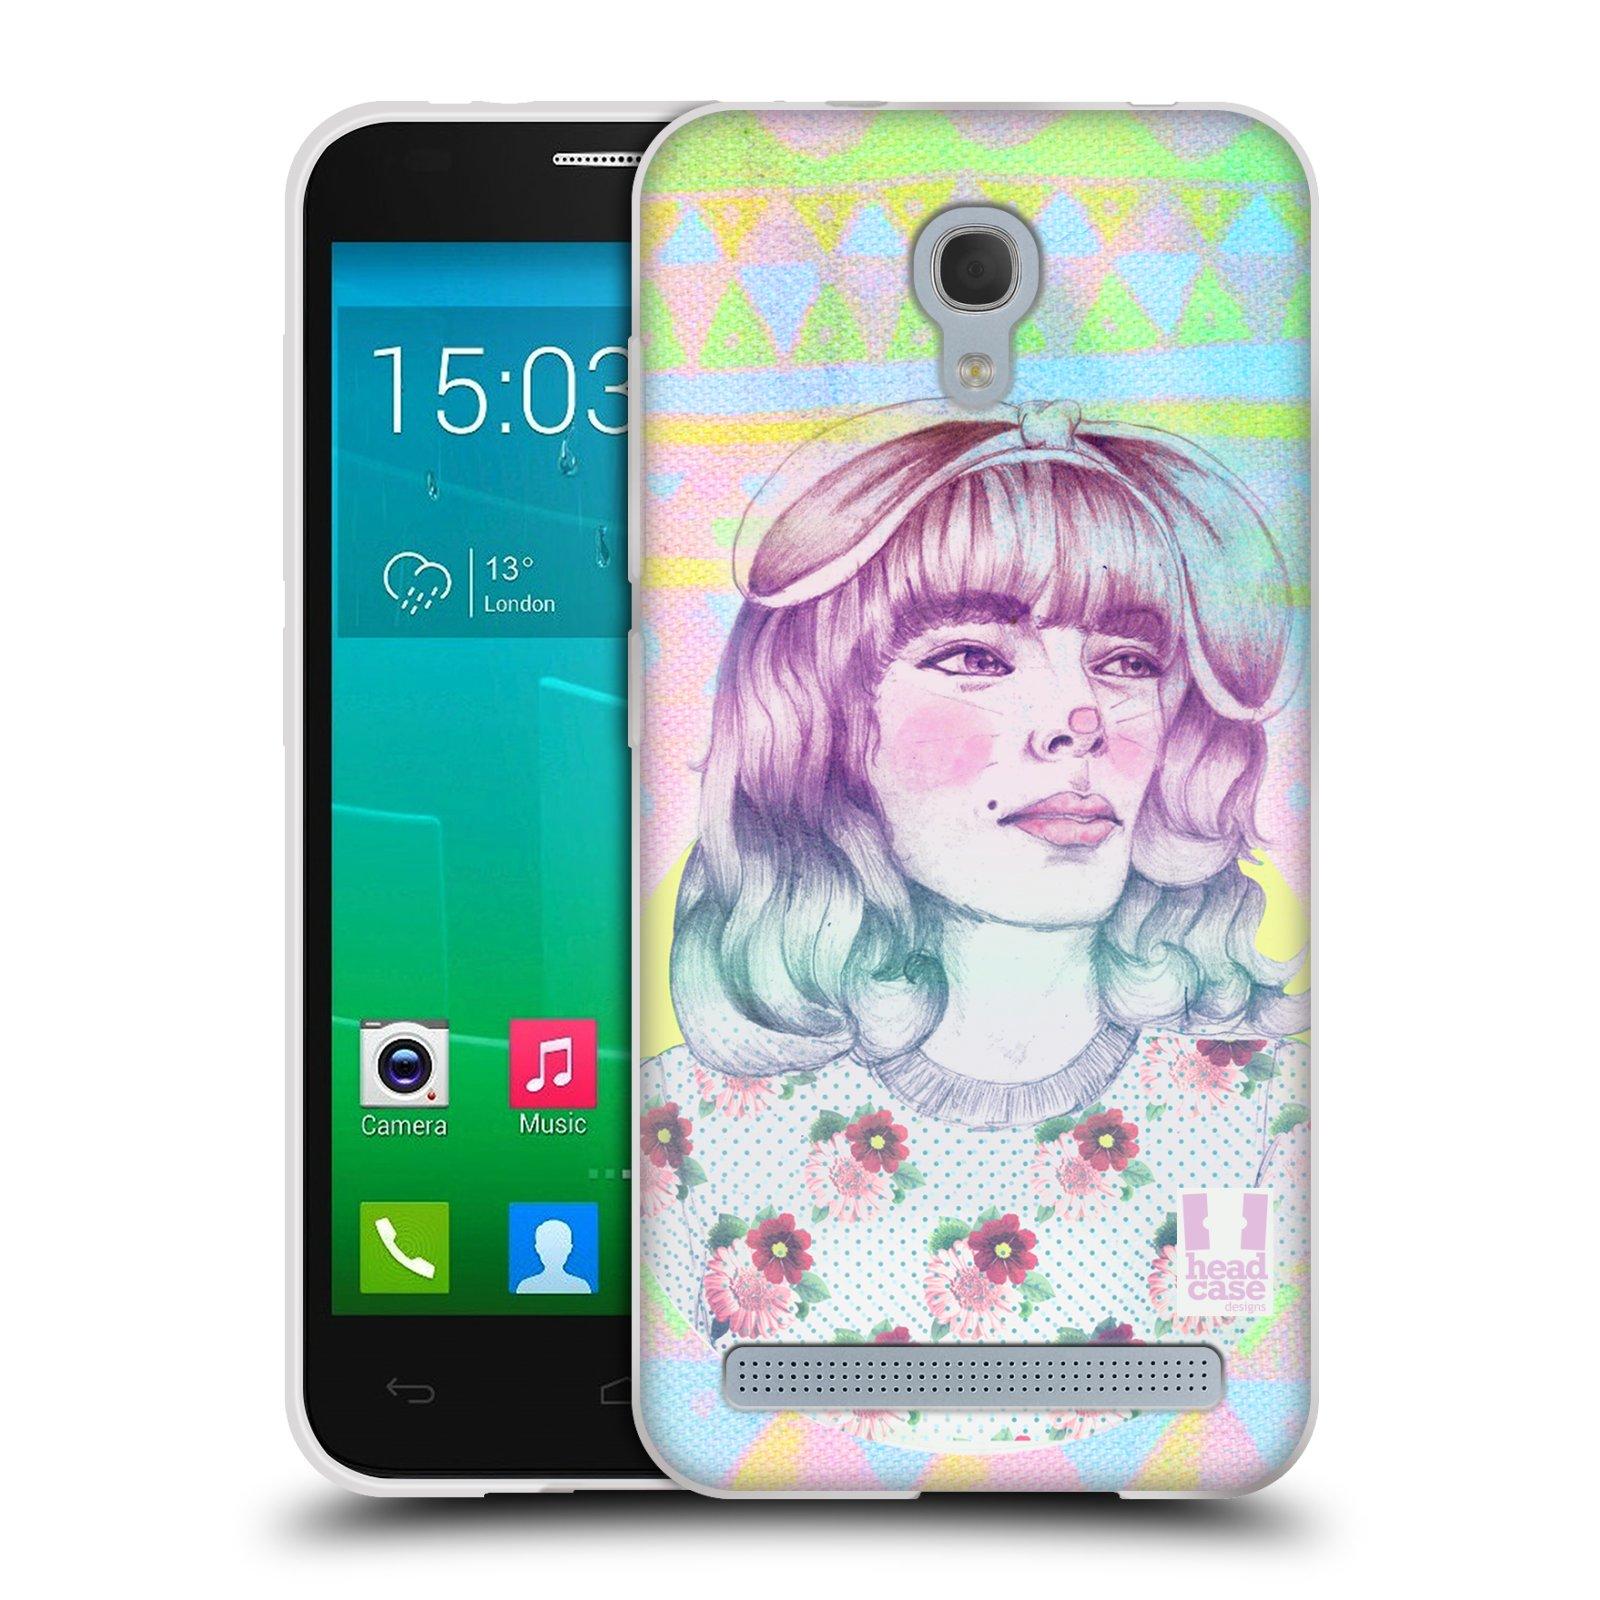 HEAD CASE silikonový obal na mobil Alcatel Idol 2 MINI S 6036Y vzor Děvče zvířecí tématika zajíček